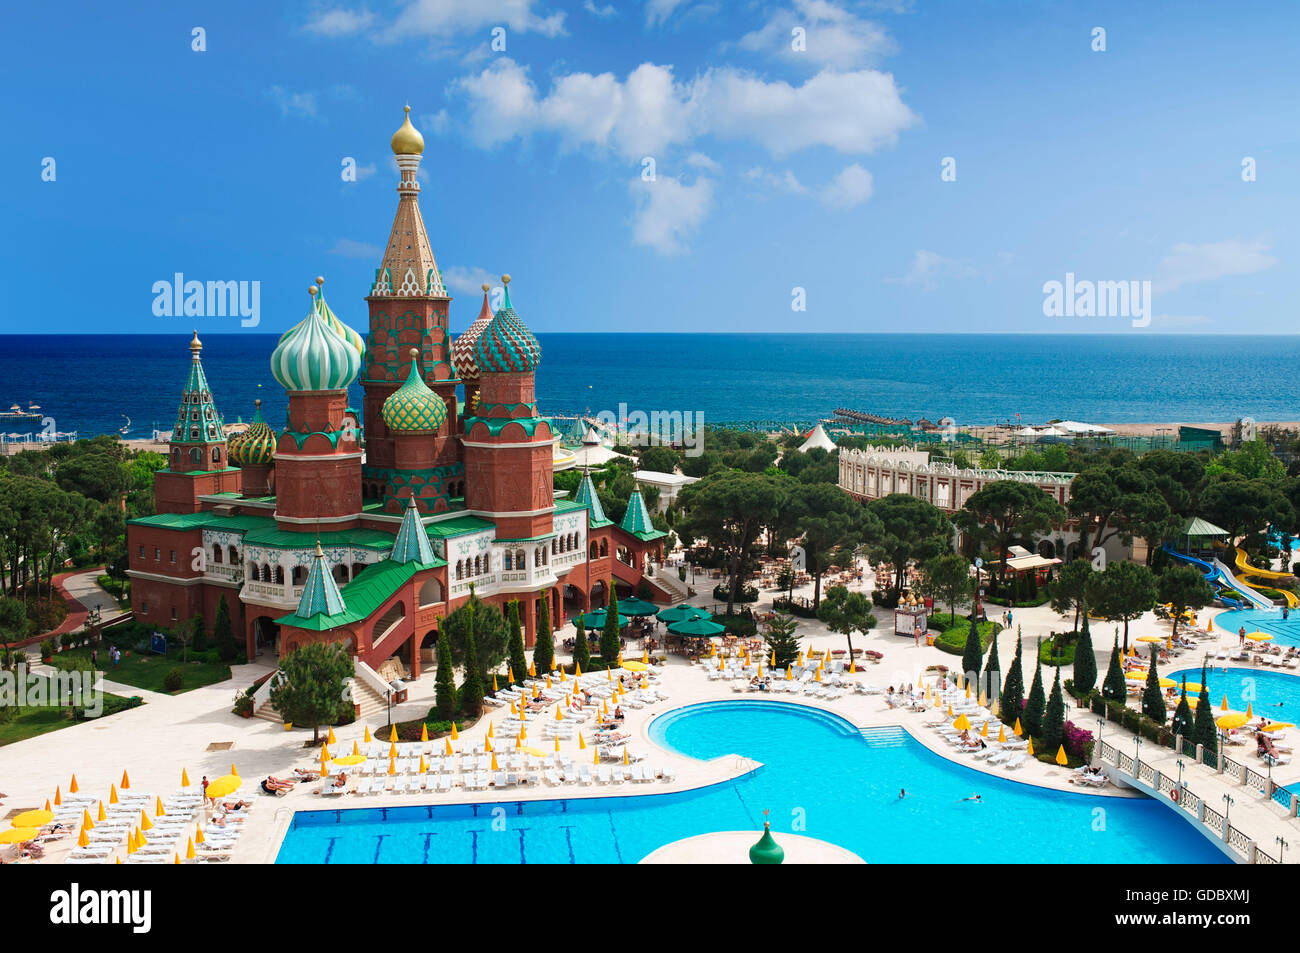 Hotel Kremlin Palace